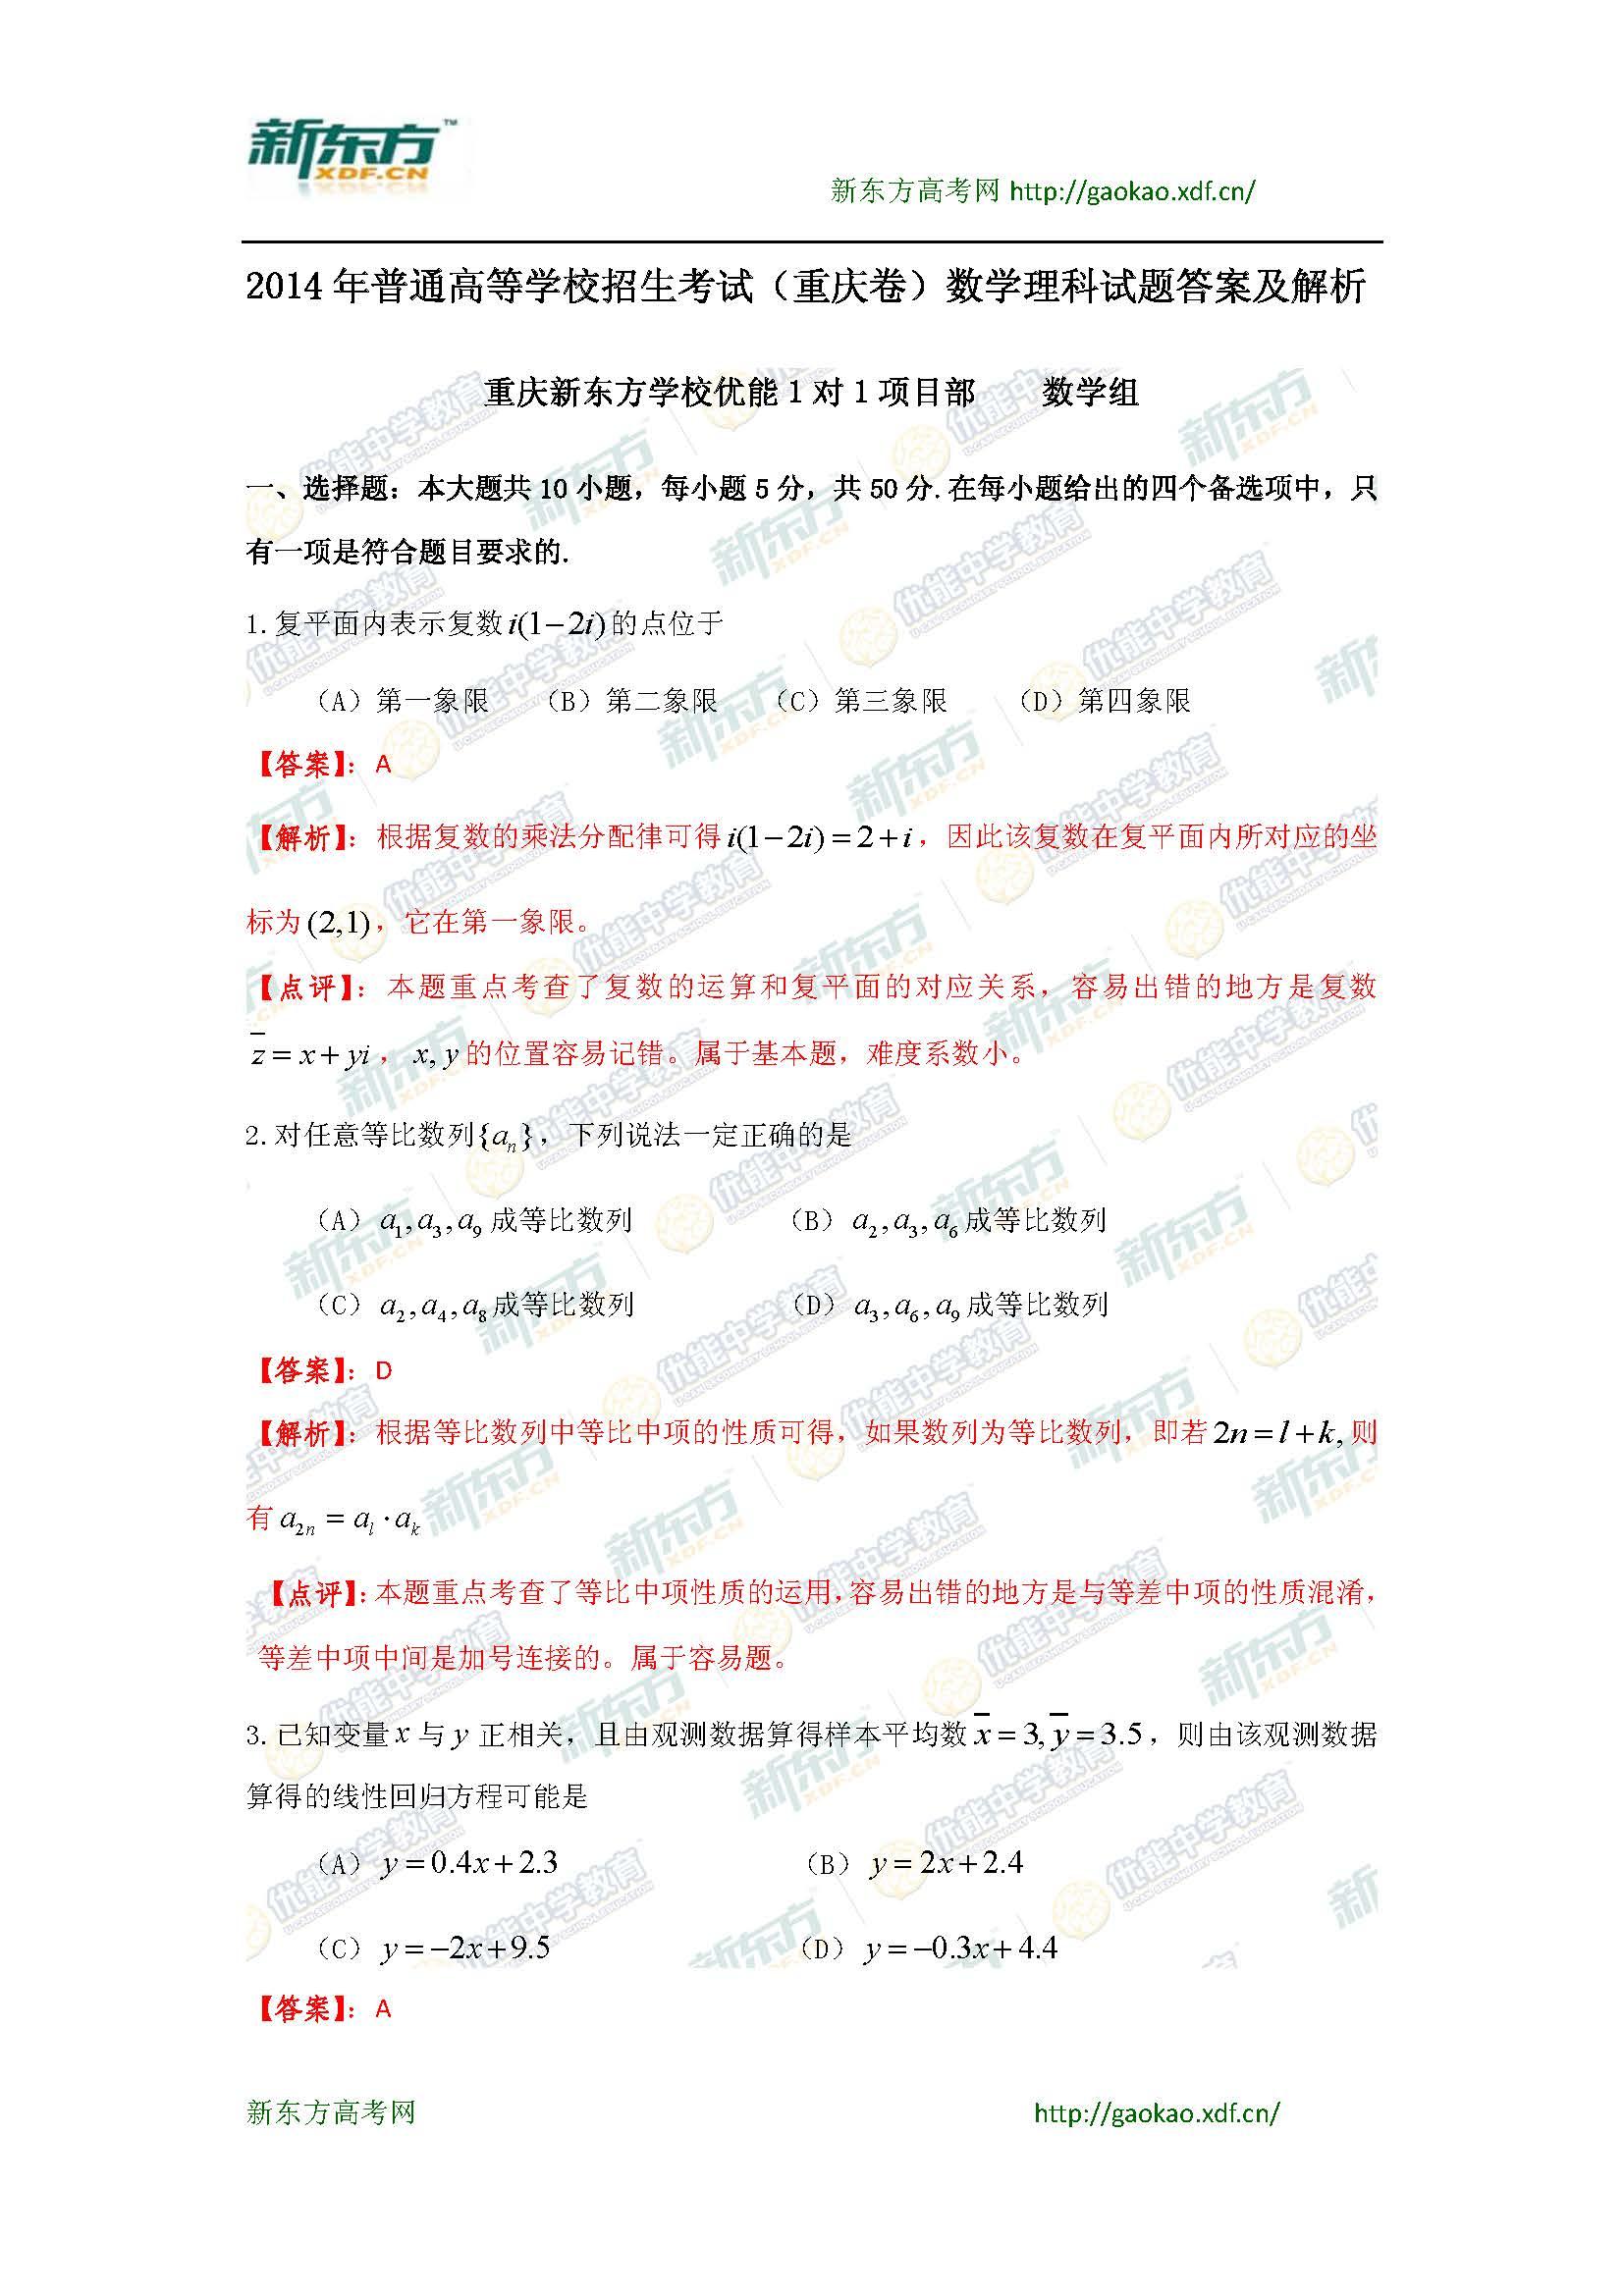 2014重庆高考数学(理)试题及答案(图片版)